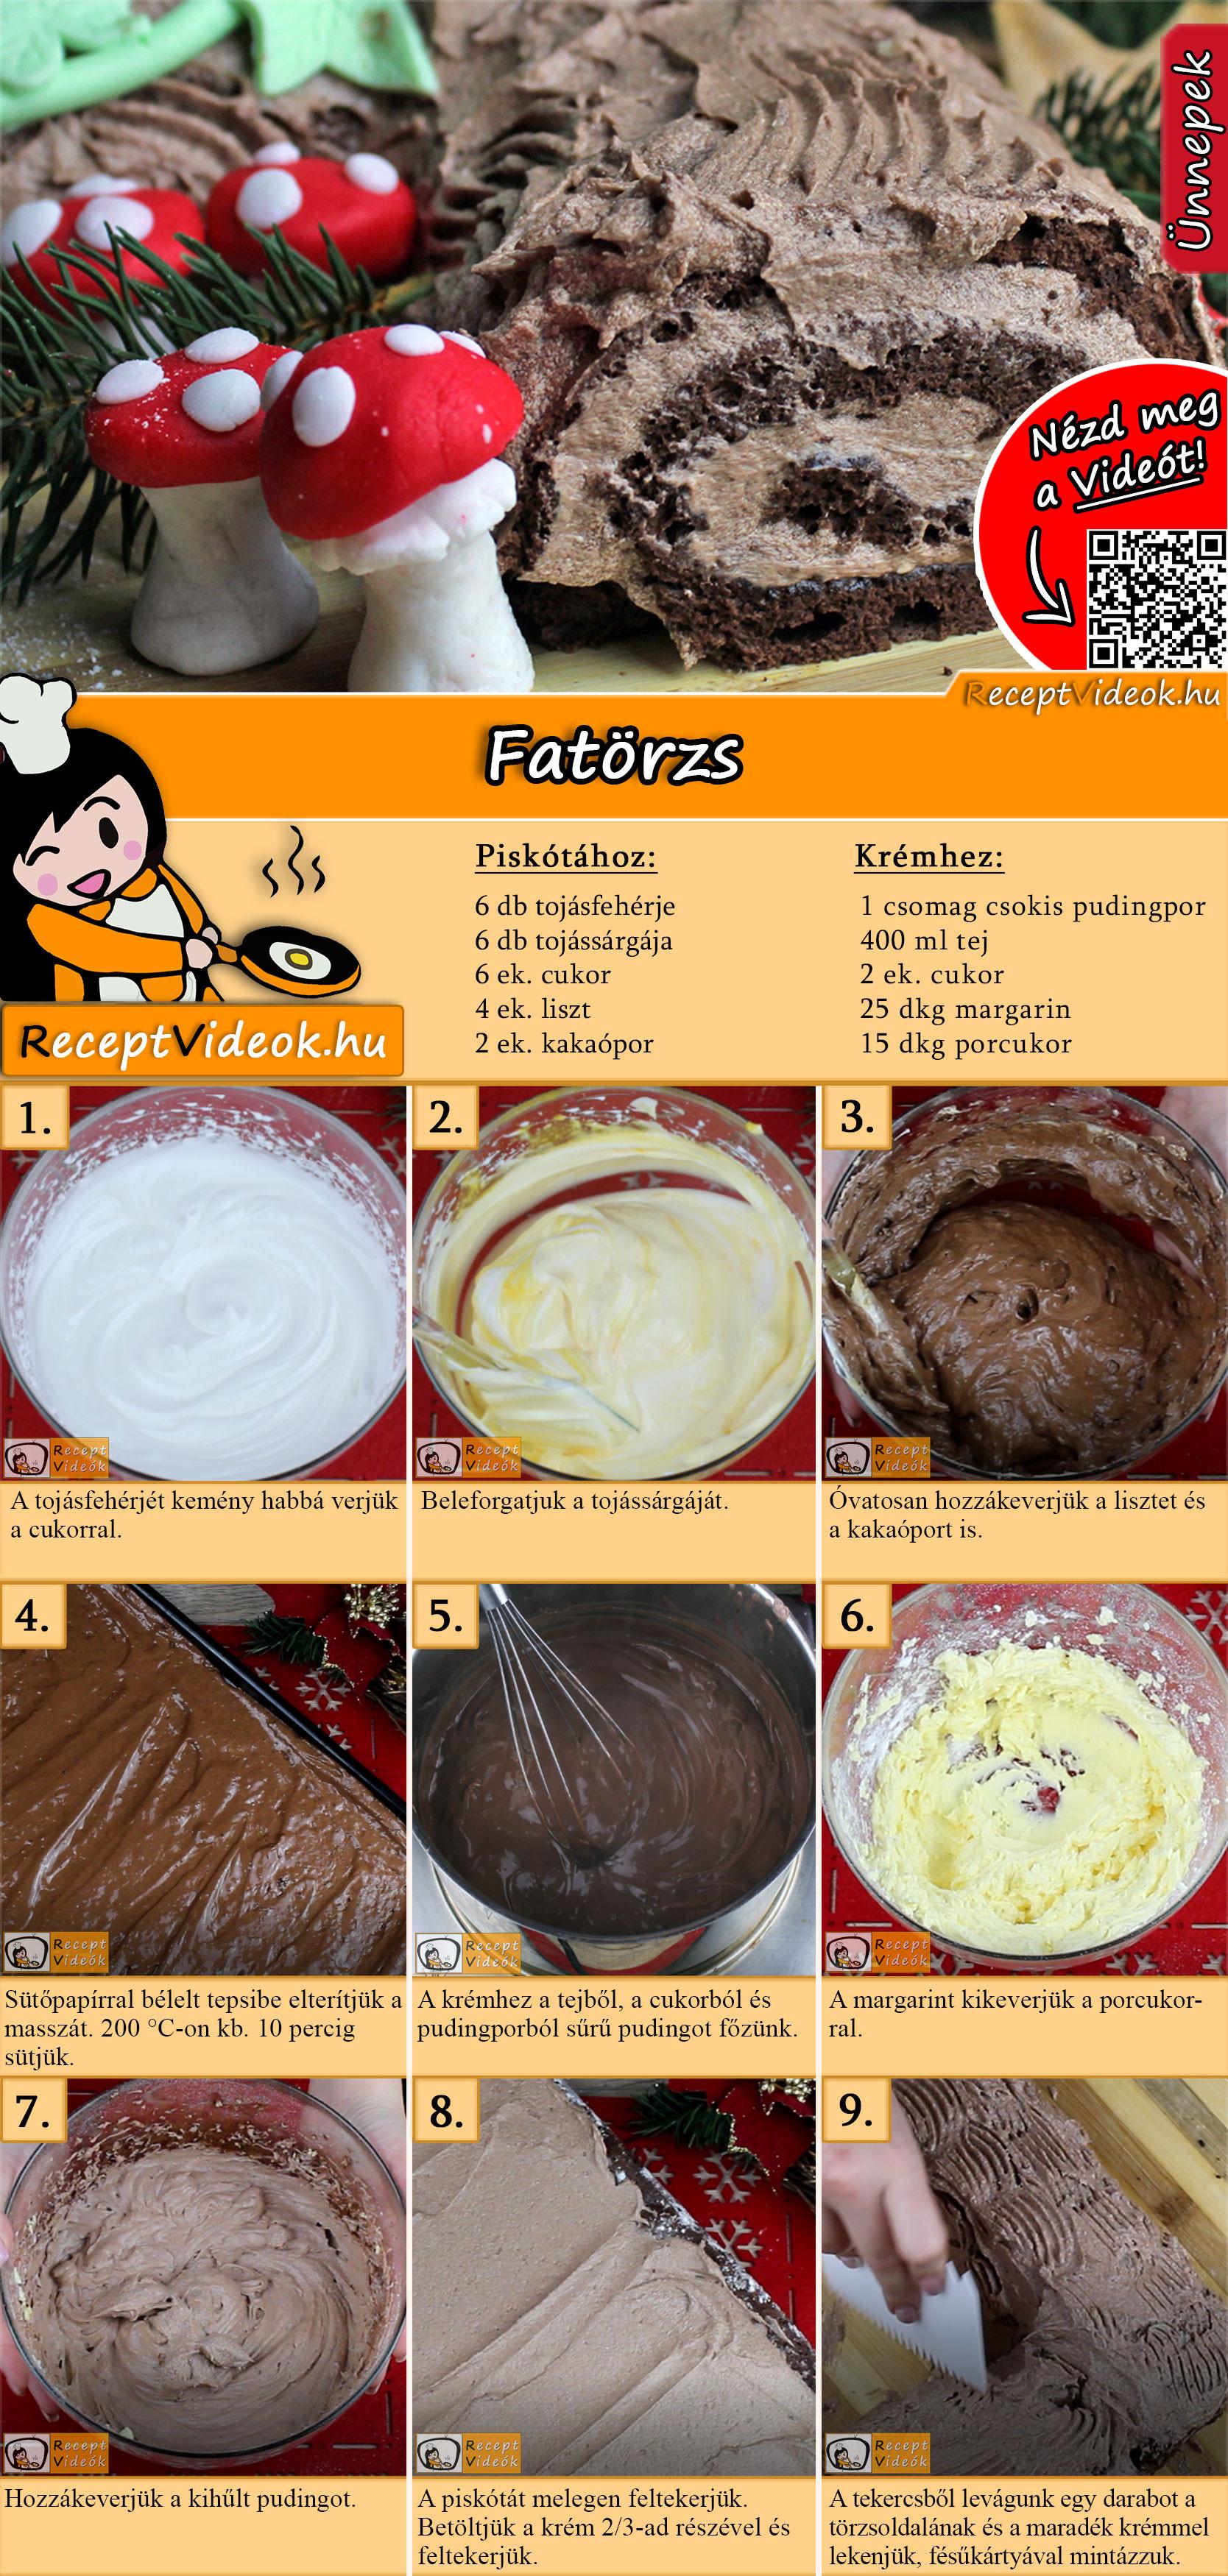 Fatörzs recept elkészítése videóval